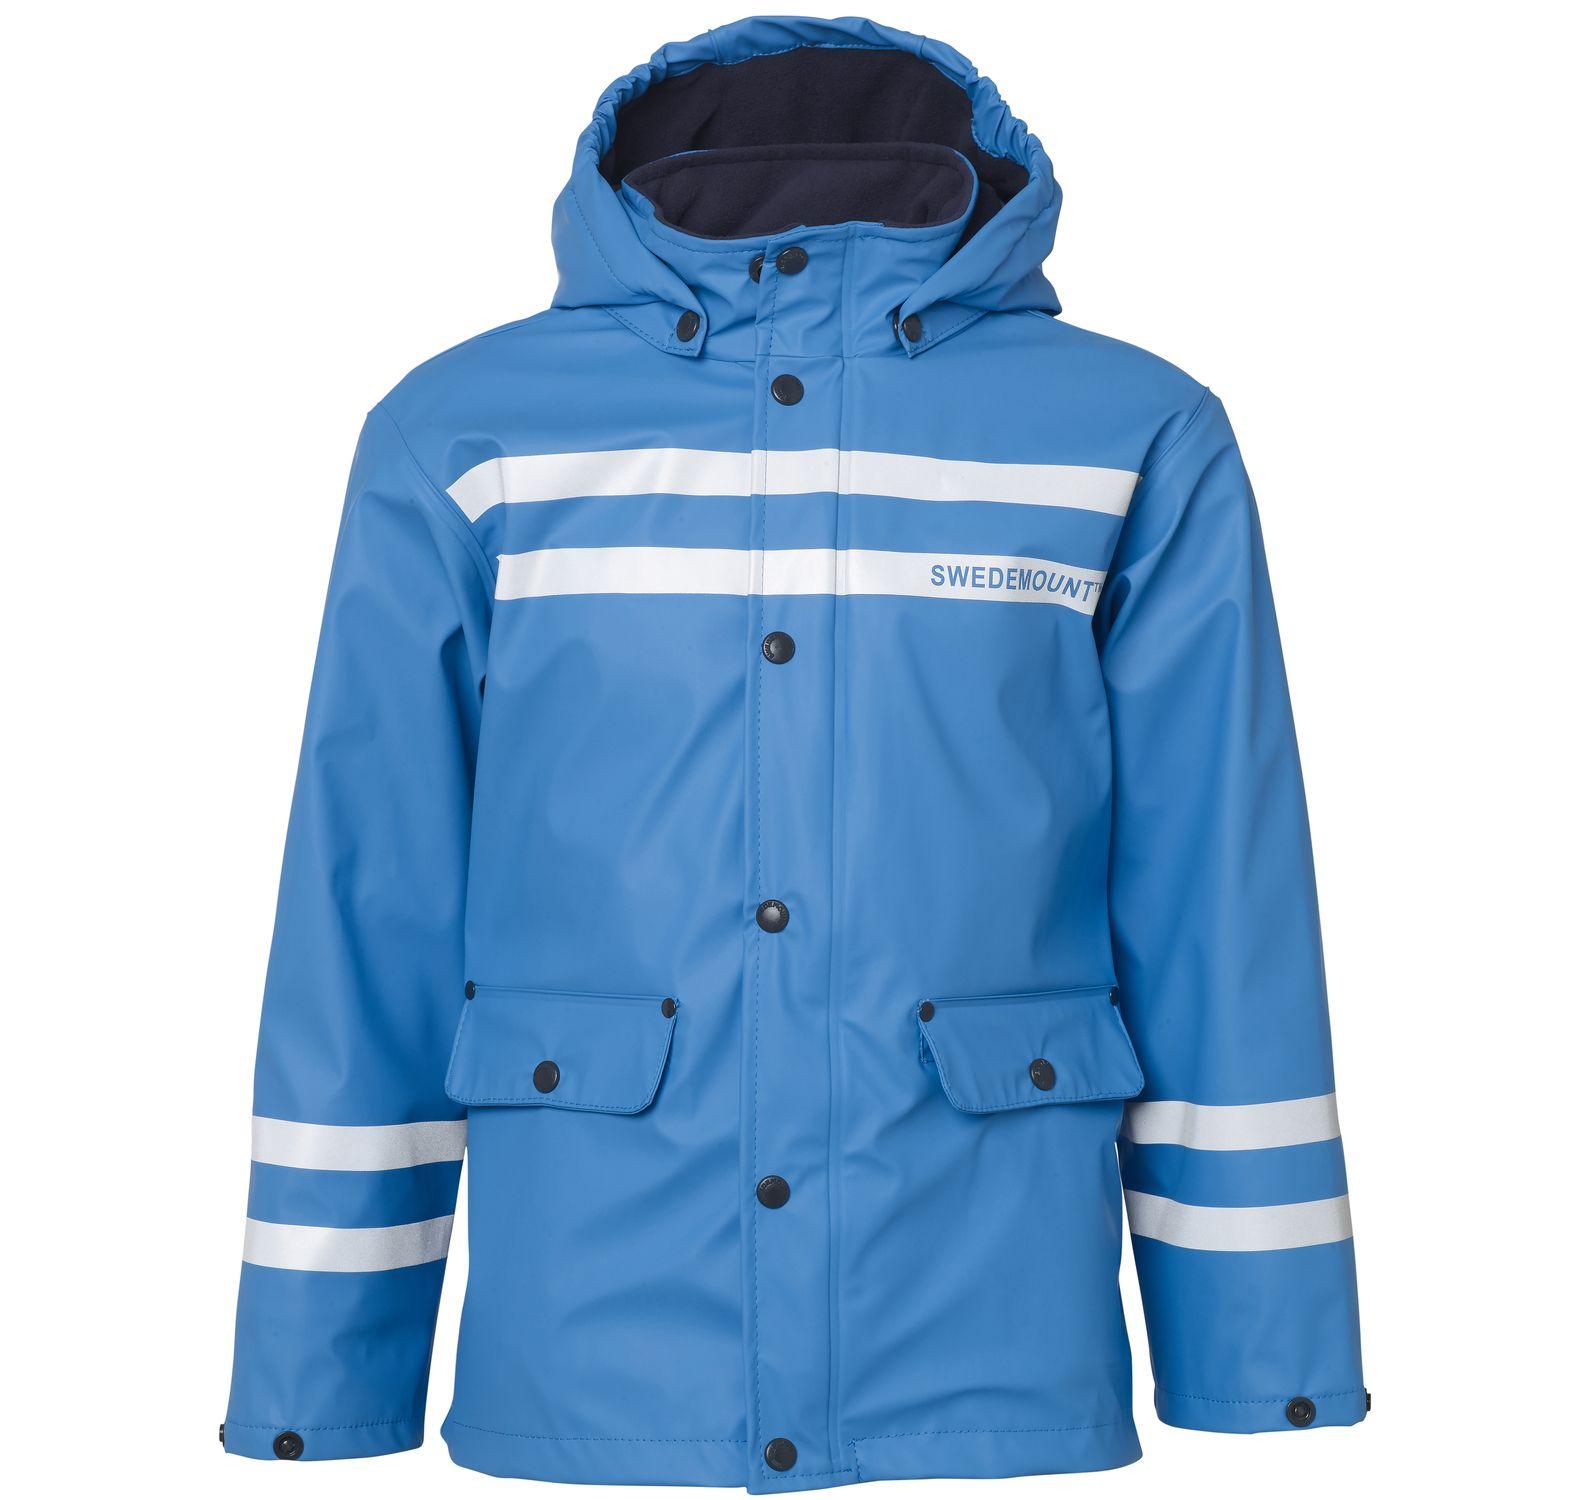 Iceflake Rain Jacket, Sea Blue, 130, Regnkläder